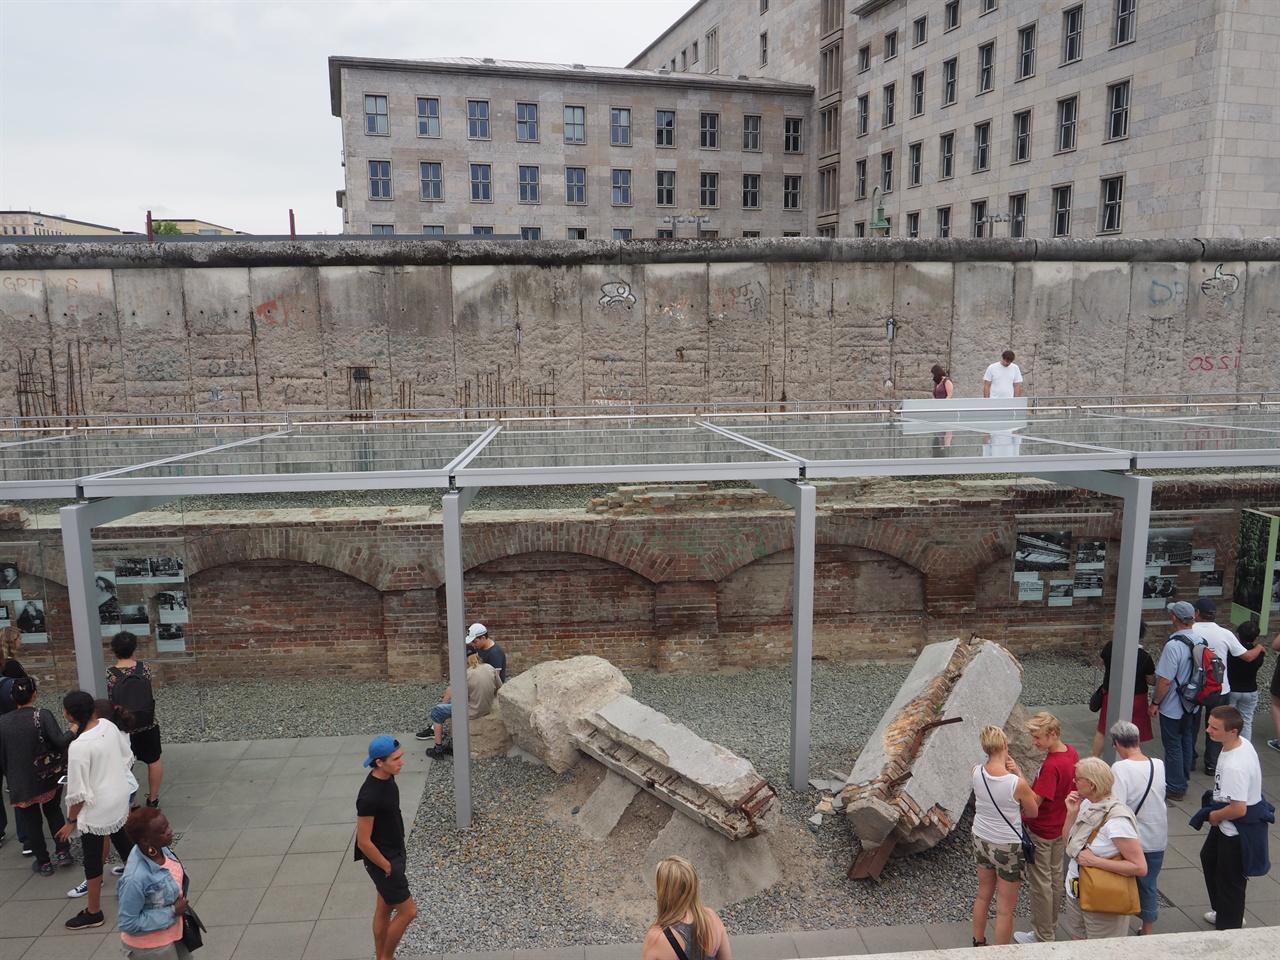 폐허가 된 건물의 기둥 잔해까지도 그대로 보존해 전시하고 있다.